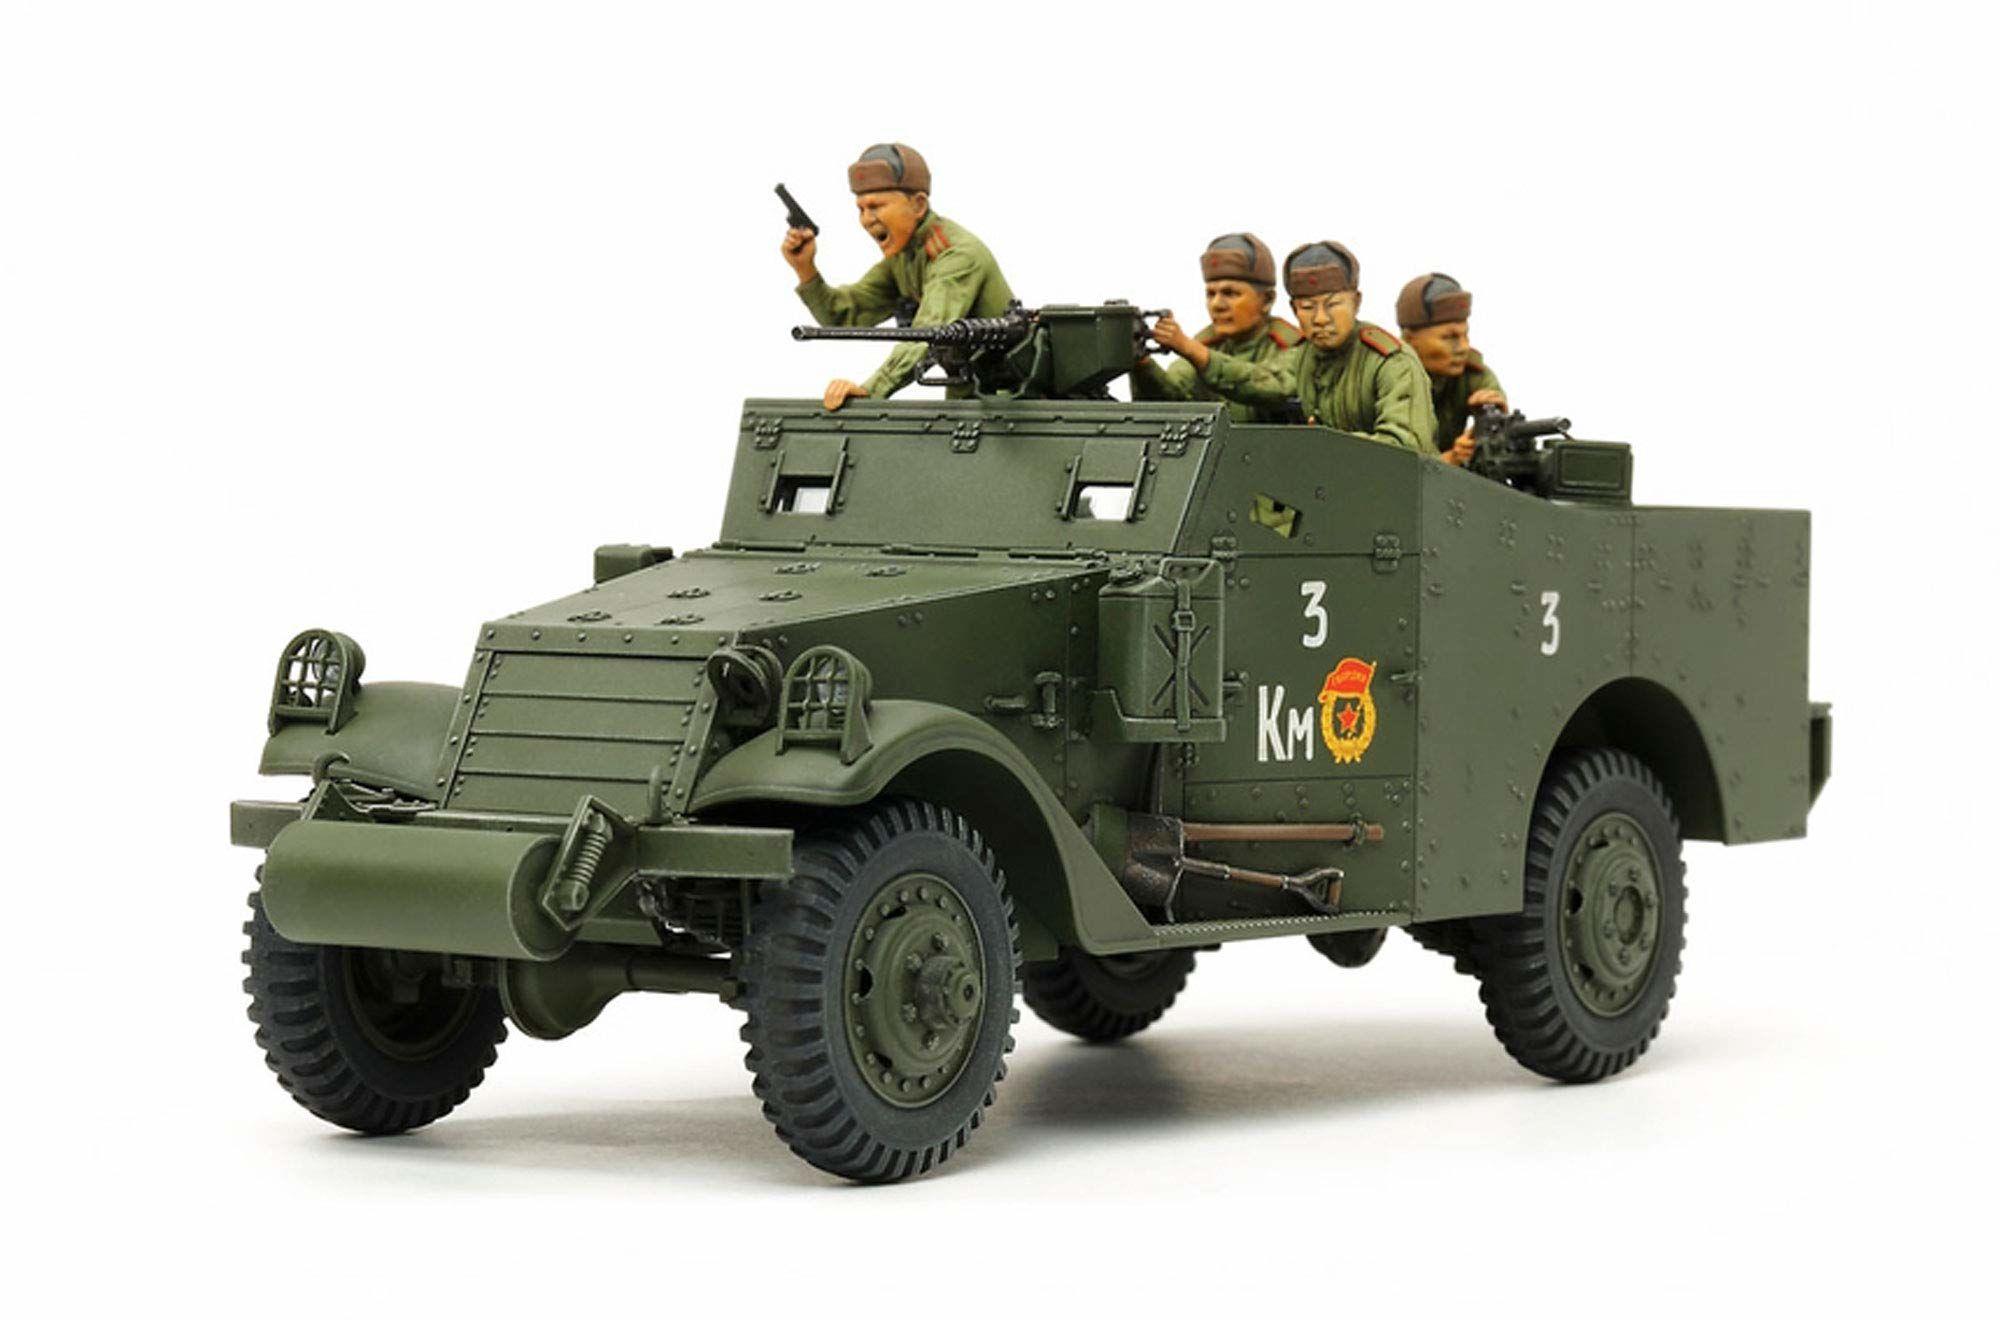 TAMIYA 35363  1:35 US M3A1 Scout car/wózek do sprzątania, budowa modeli, budowa modeli, zestaw budowlany z tworzywa sztucznego, hobby, majsterkowanie, klejenie, model, montaż